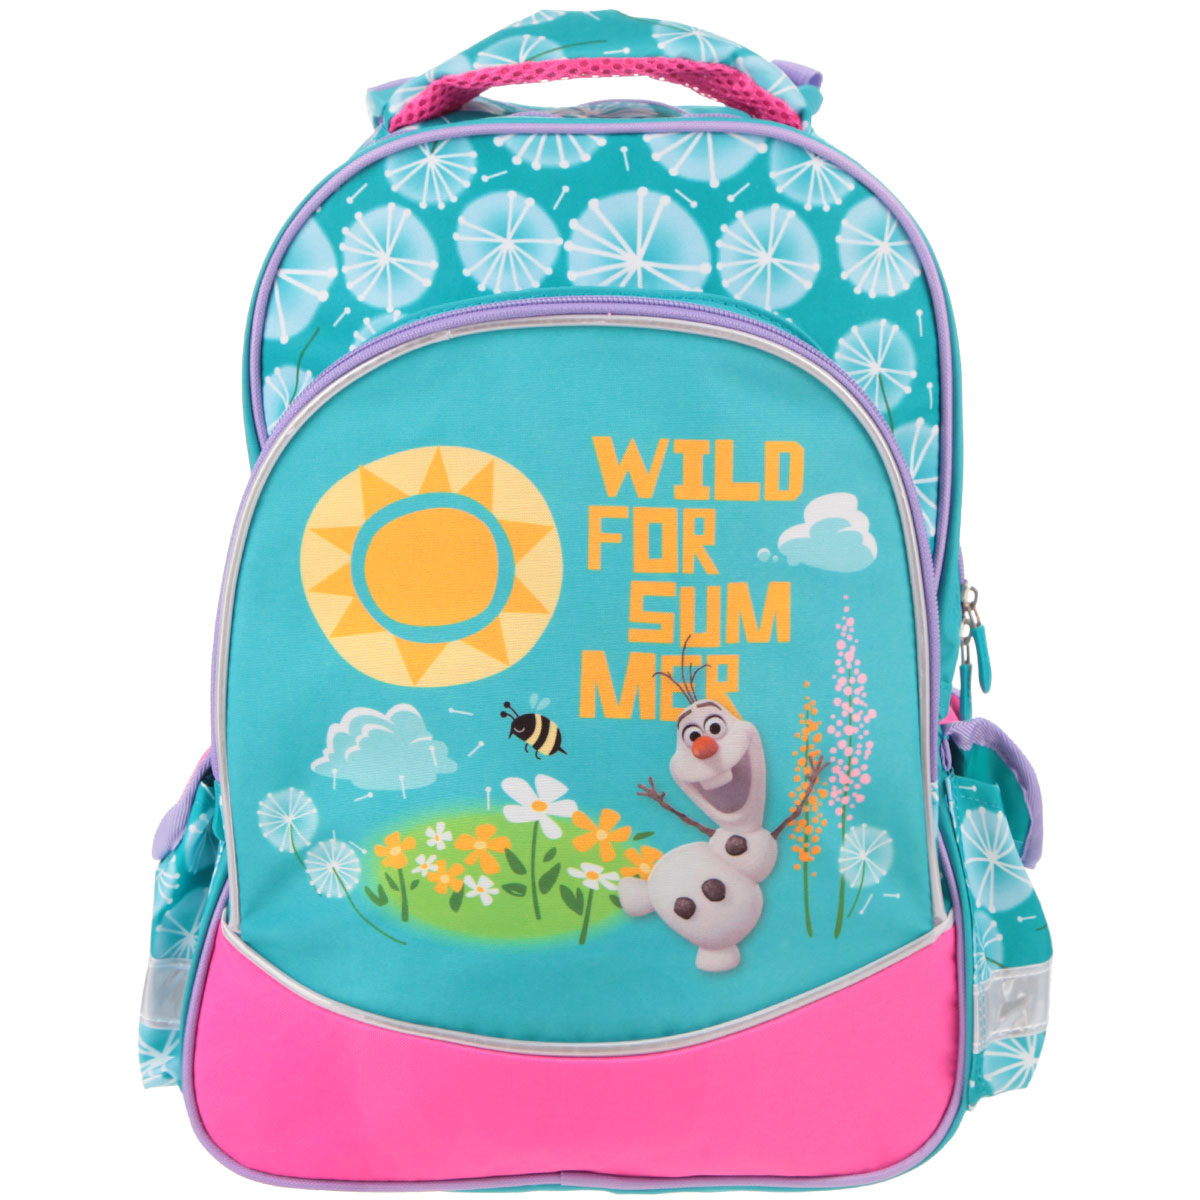 Купить школьный рюкзак холодное сердце недорого рюкзак таслановый м-25т